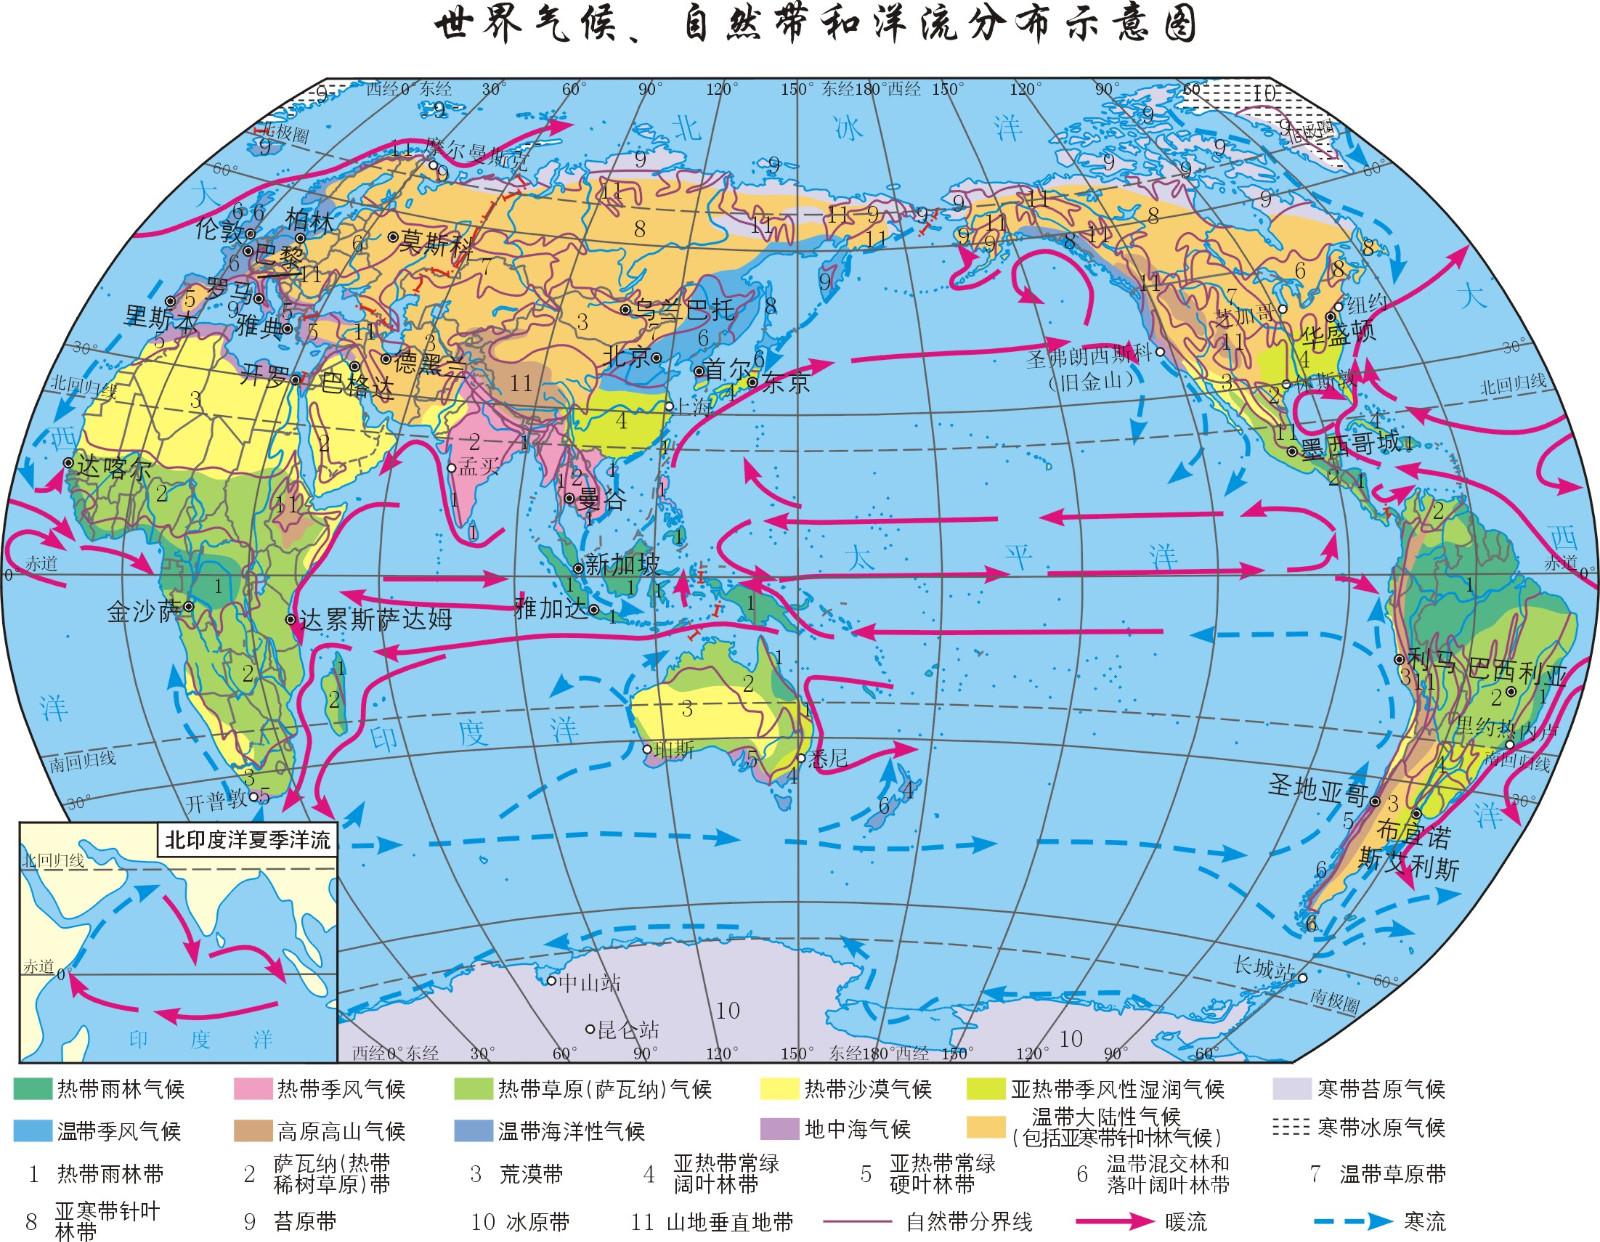 世界洋流分布模式图_世界 洋流分布图_百度知道